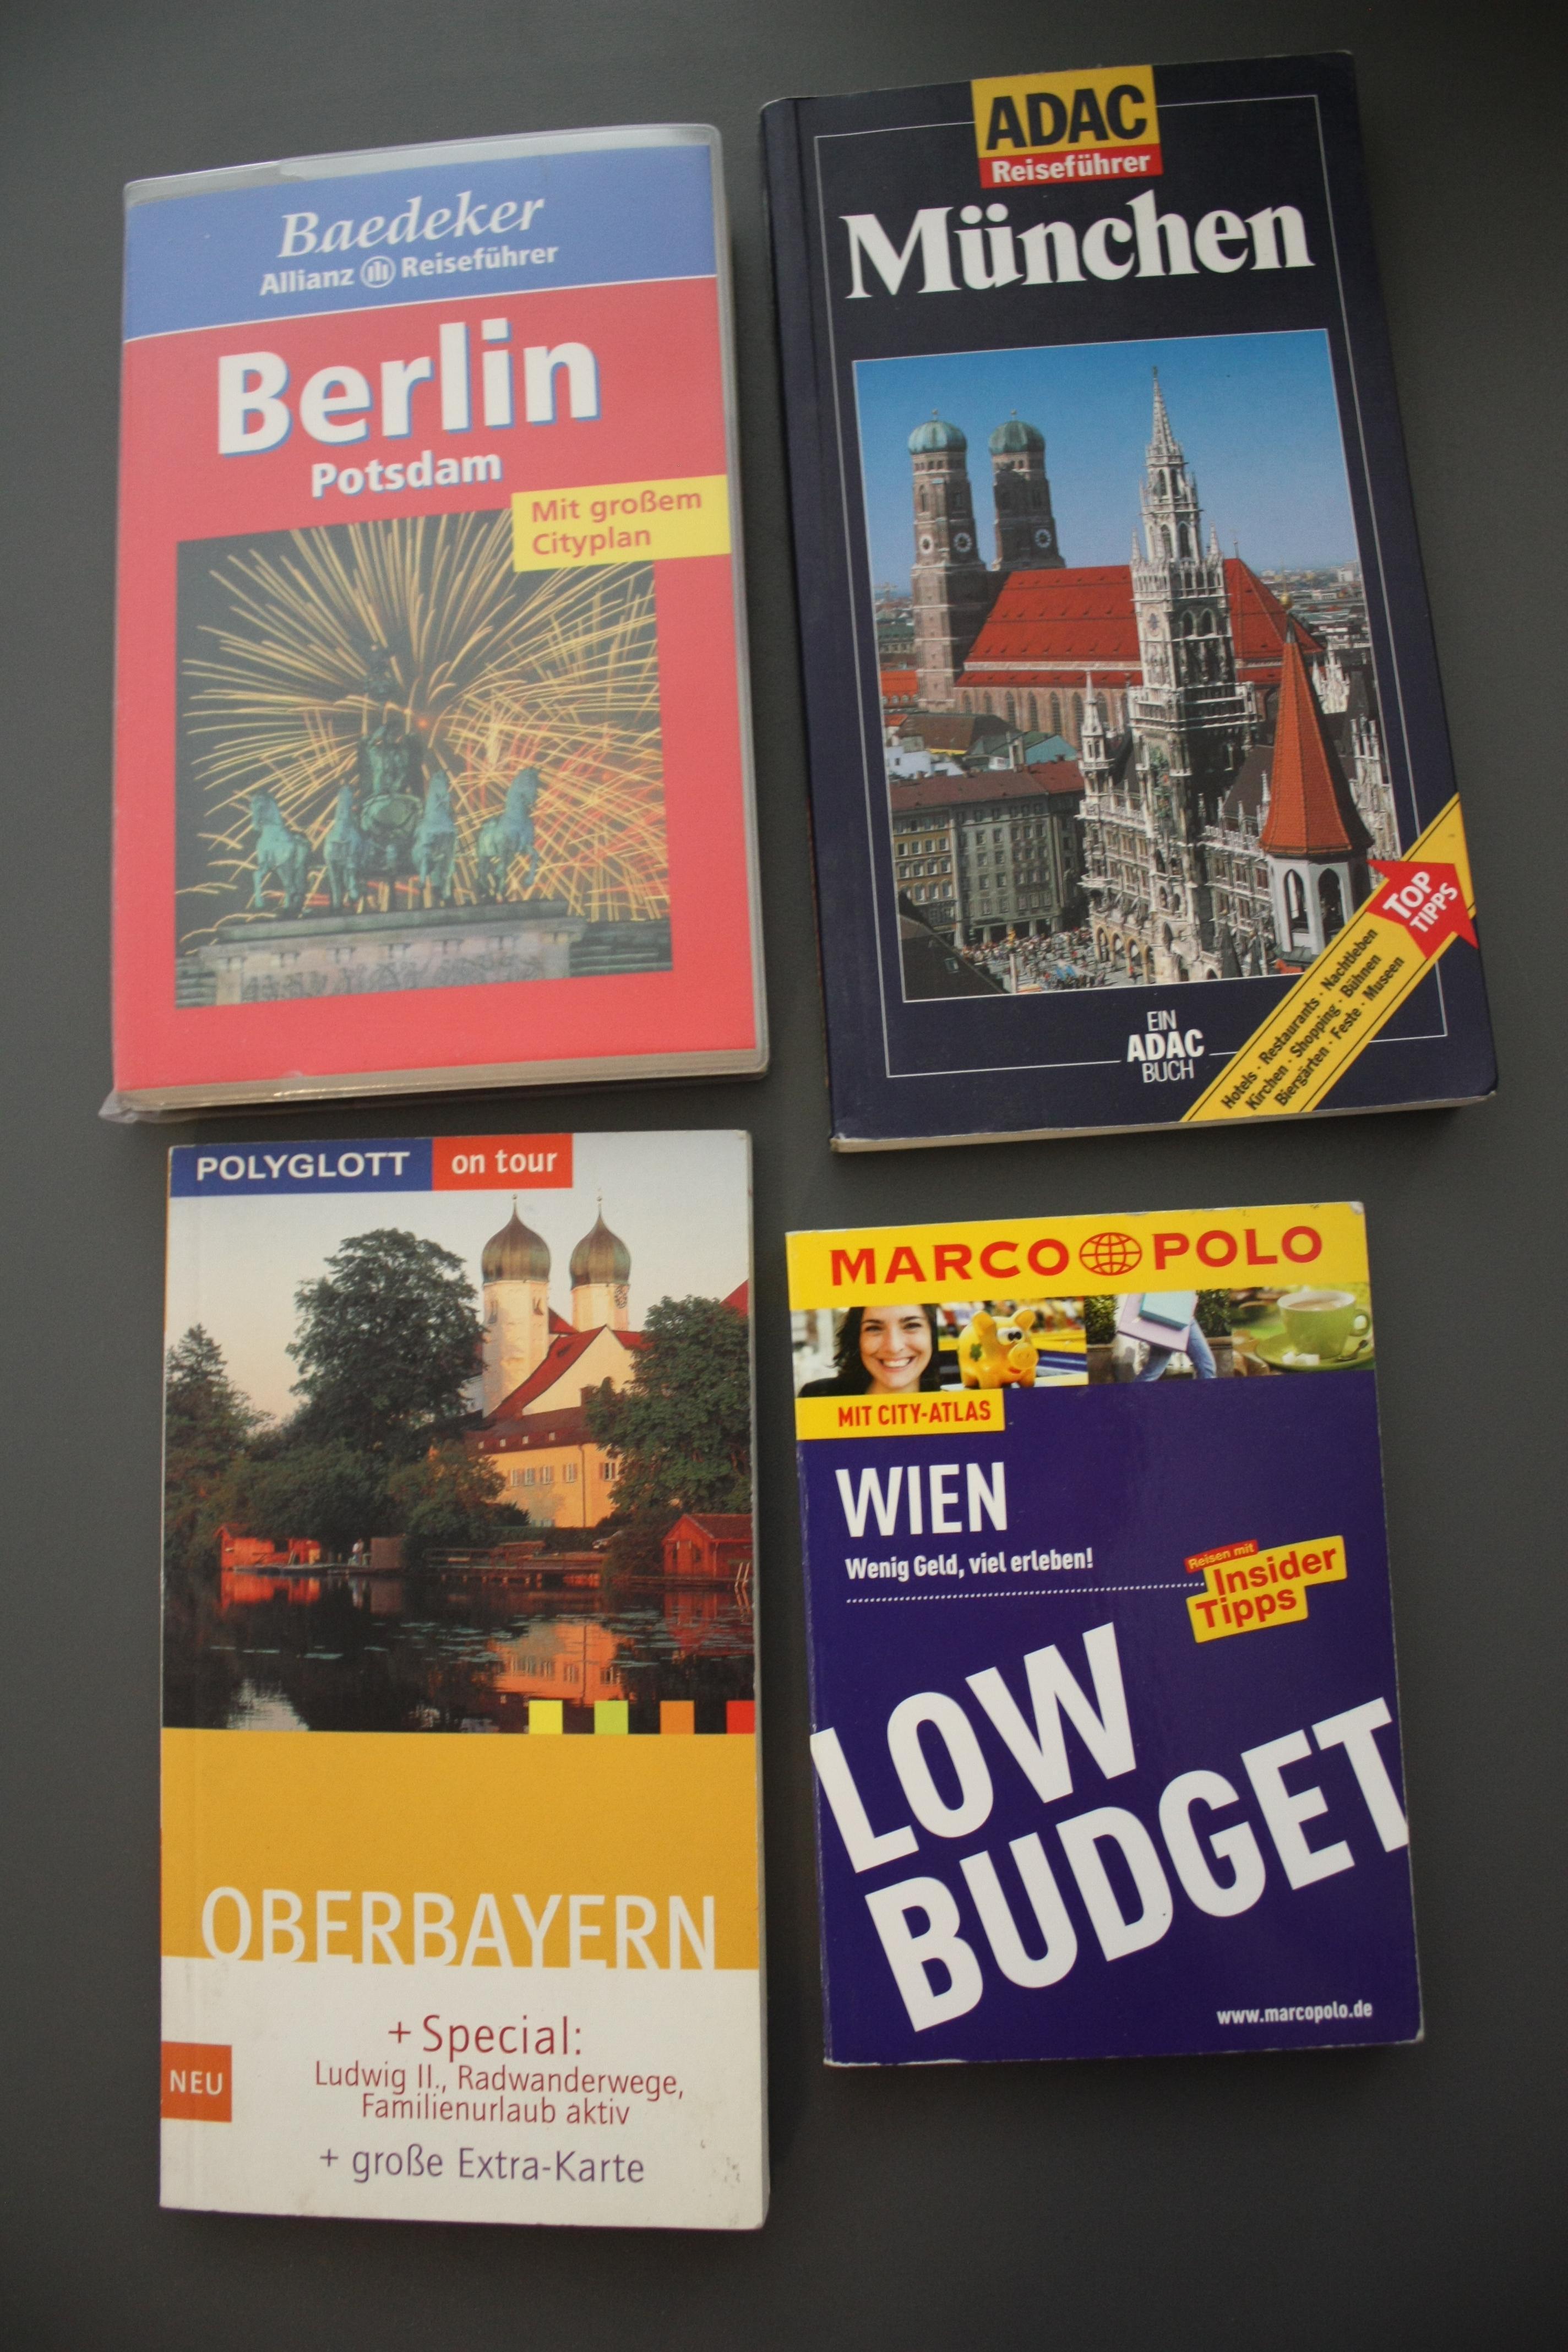 troc de troc guides voyages en allemand image 0